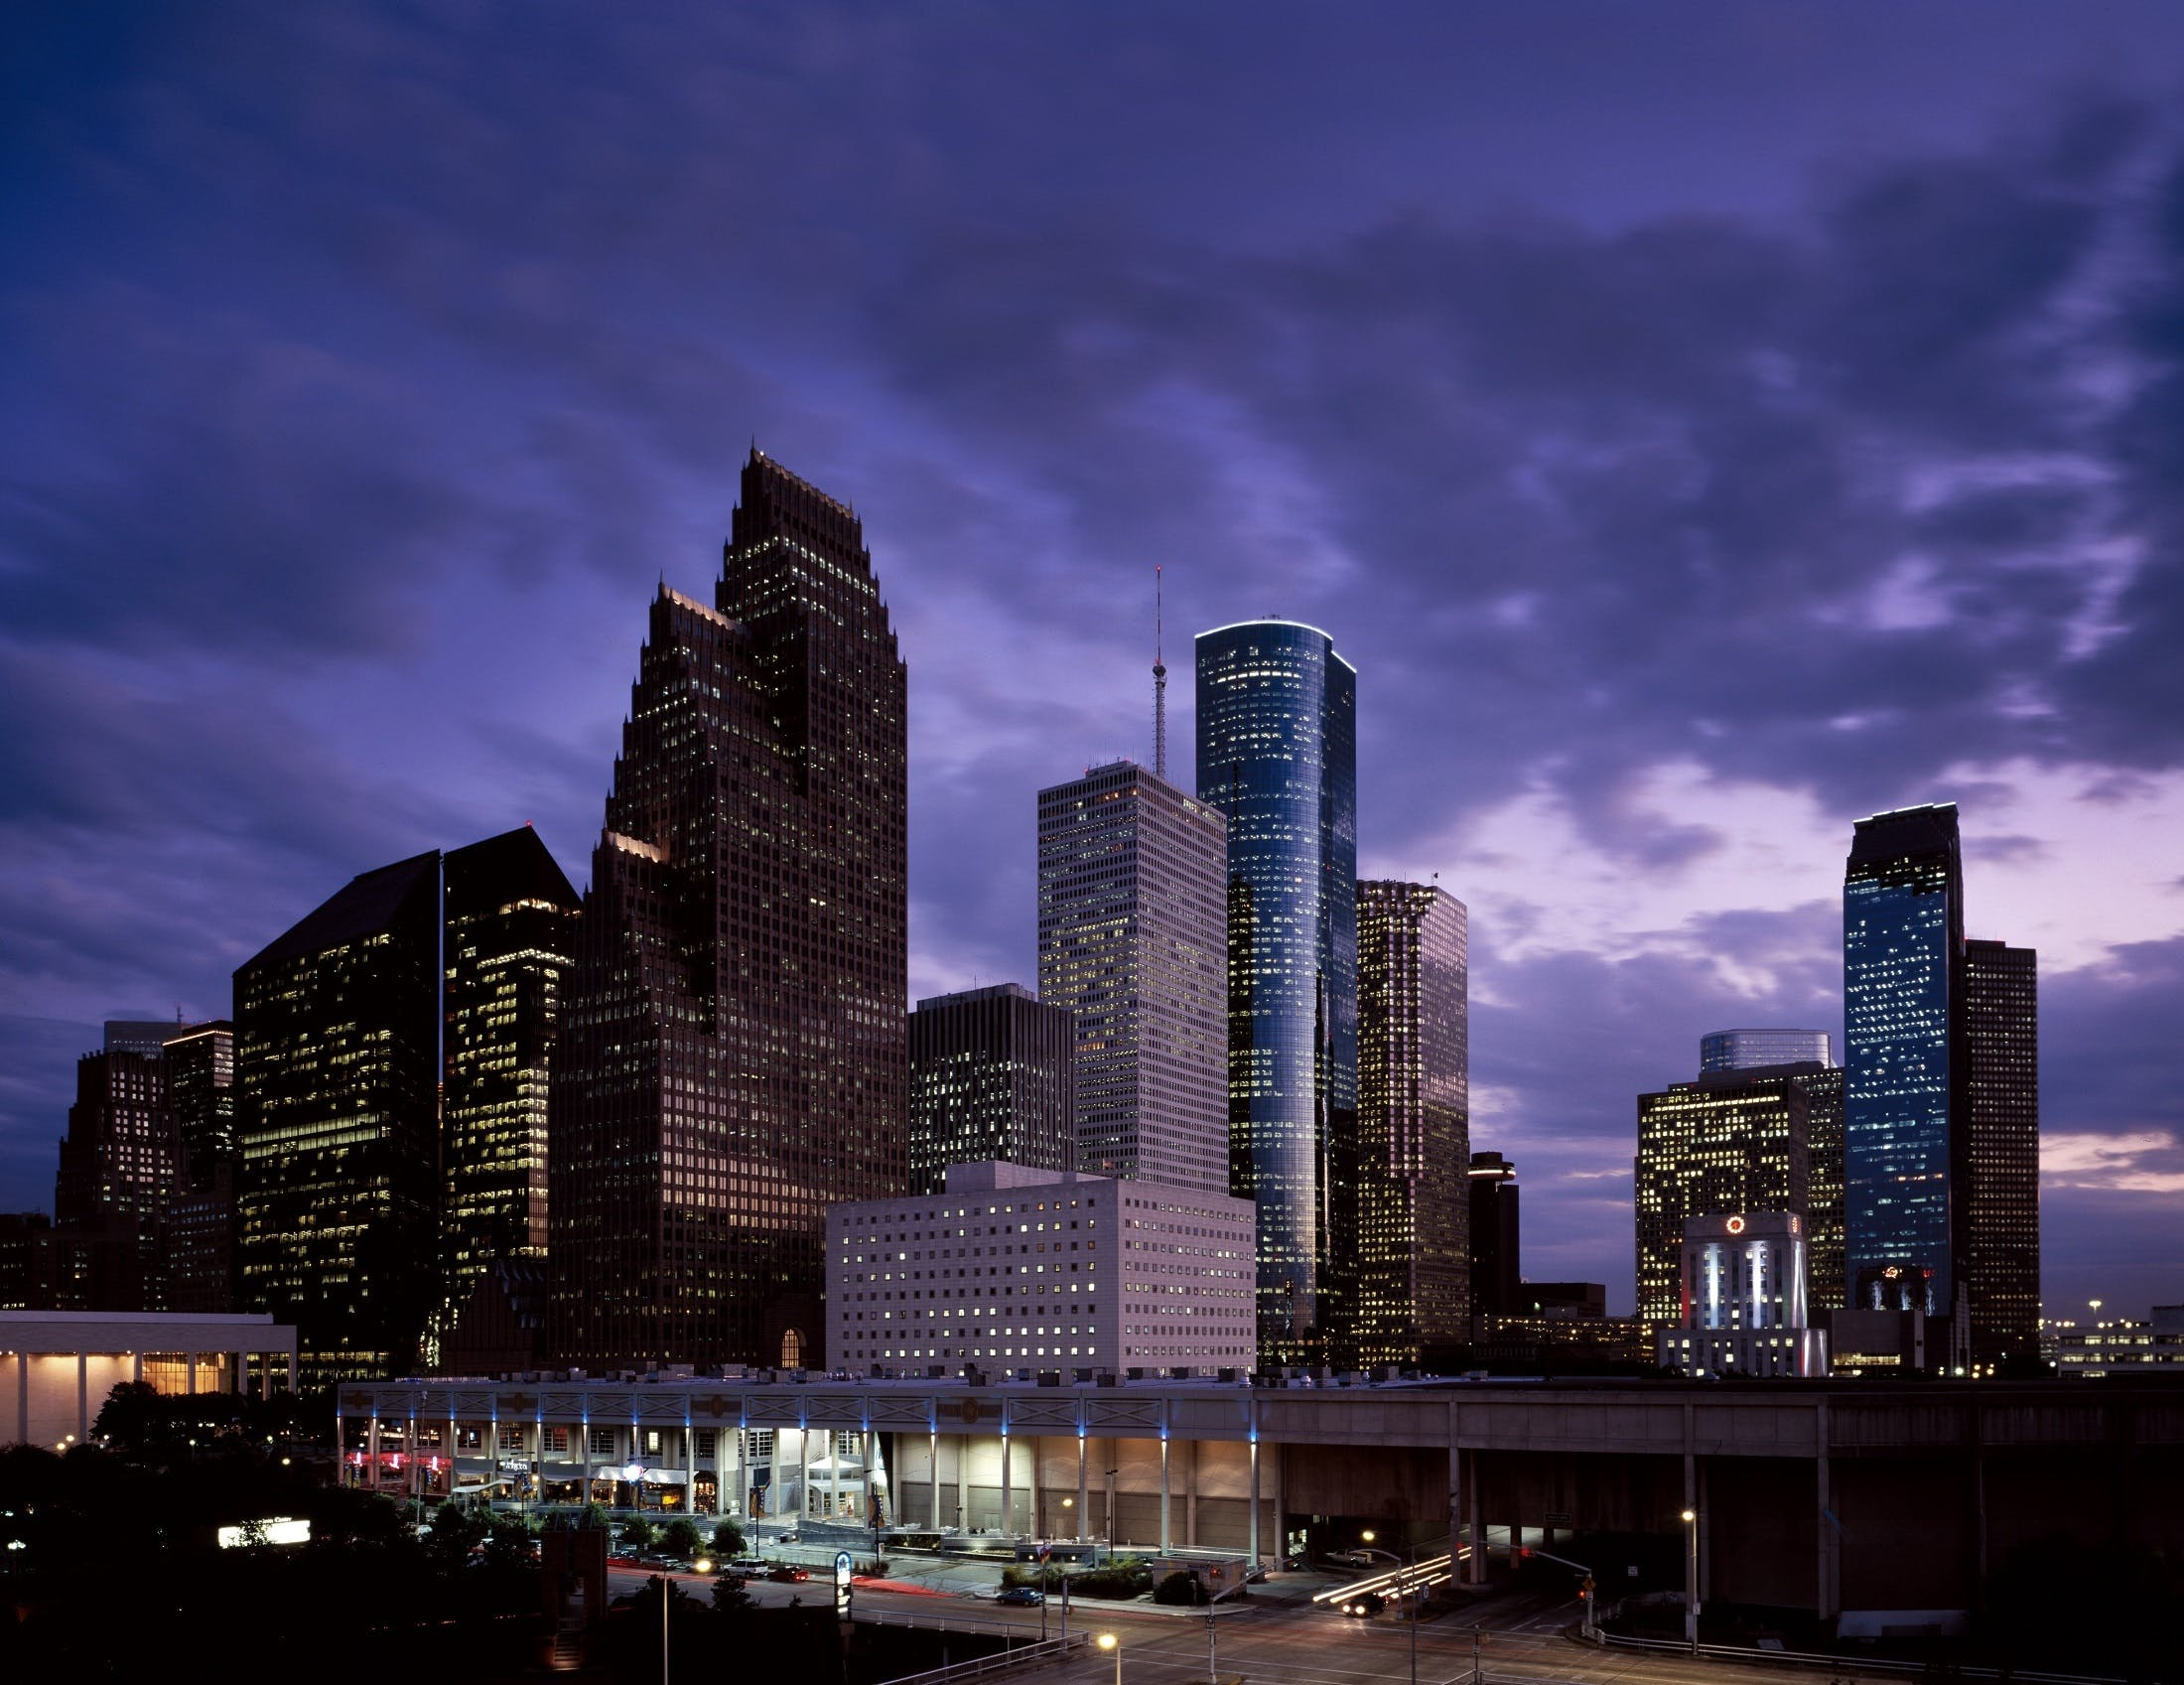 binalar, bulutlar, gece, gökdelen içeren Ücretsiz stok fotoğraf